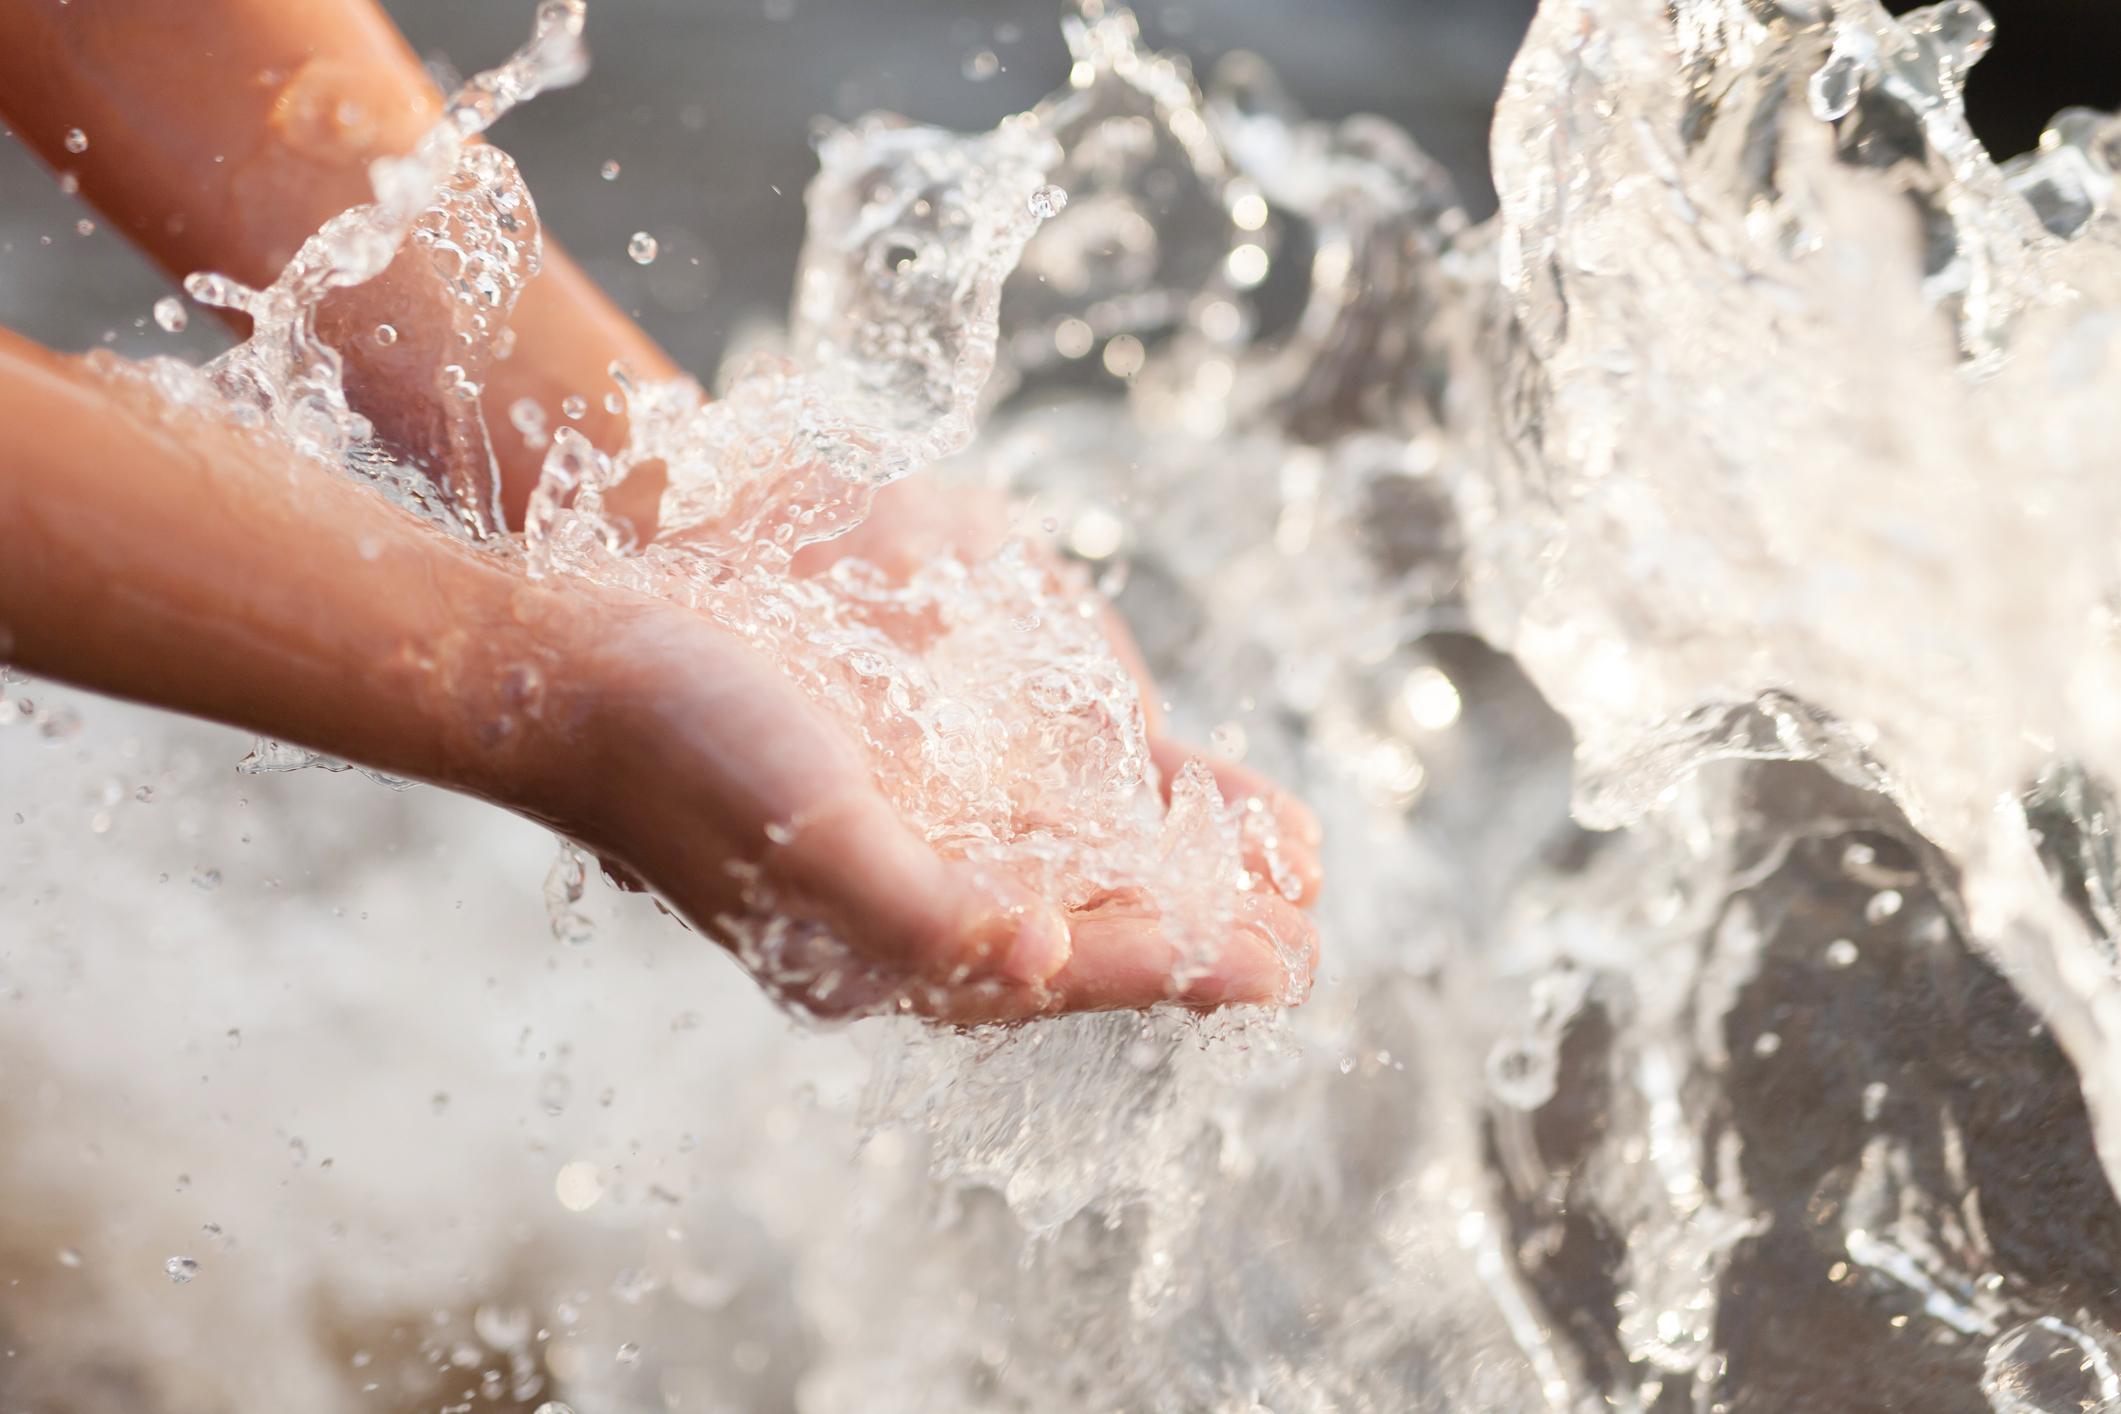 Hände unter sauberem Wasser